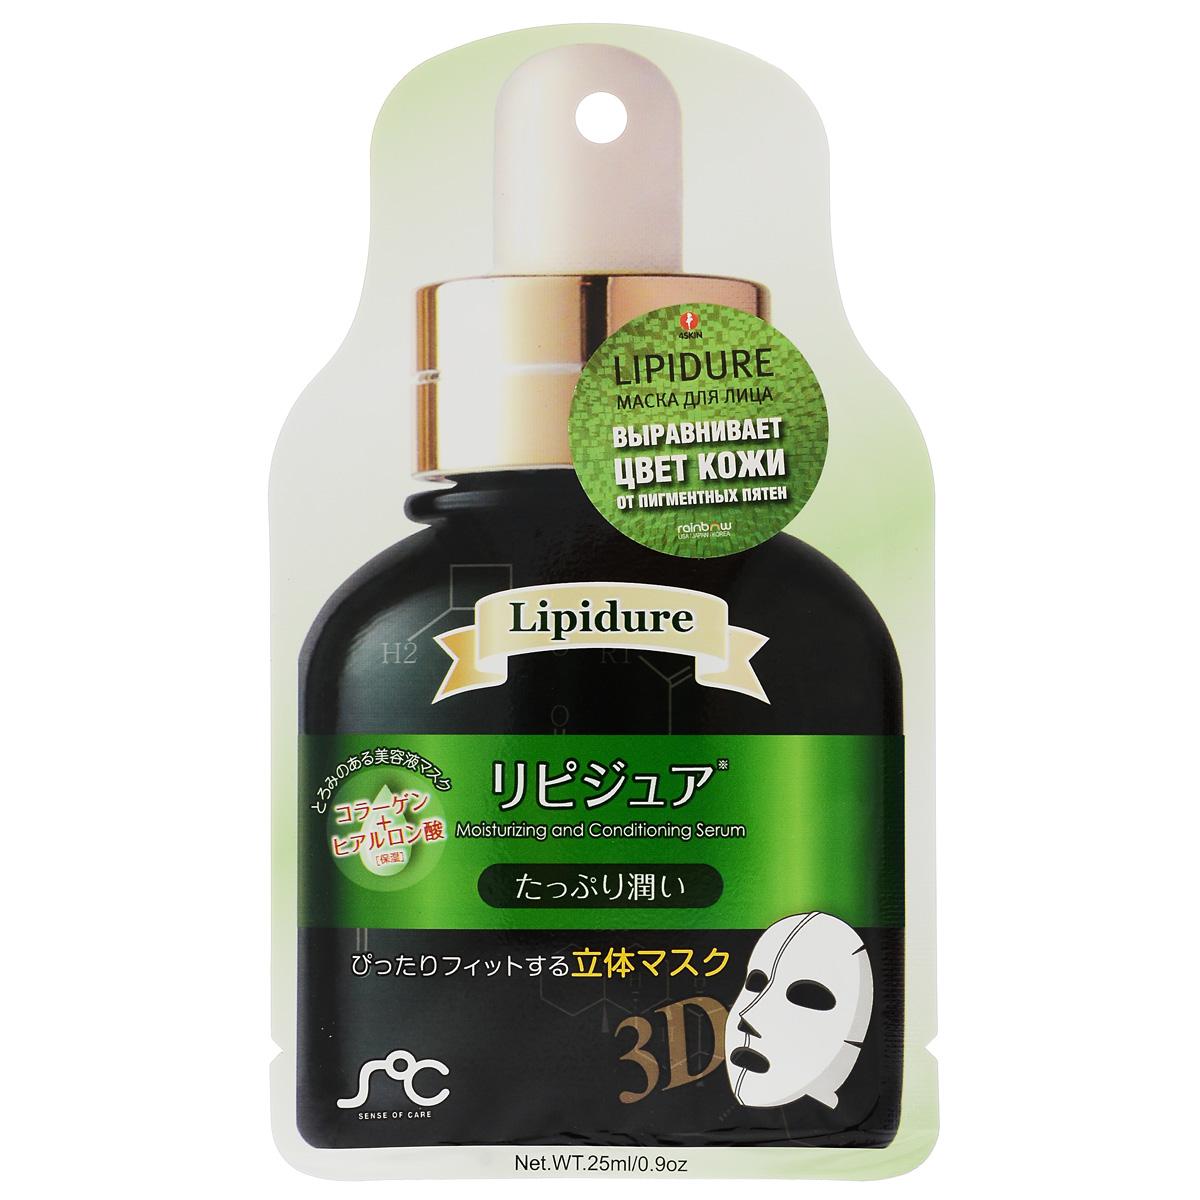 Rainbowbeauty 3D маска-сыворотка для лица с липидами, 25 млFS-008973D маска-сыворотка контролирует формирование меланина, тем самым предотвращает нежелательную пигментацию кожи и появление веснушек. Хорошо увлажняет кожу и делает ее нежной.